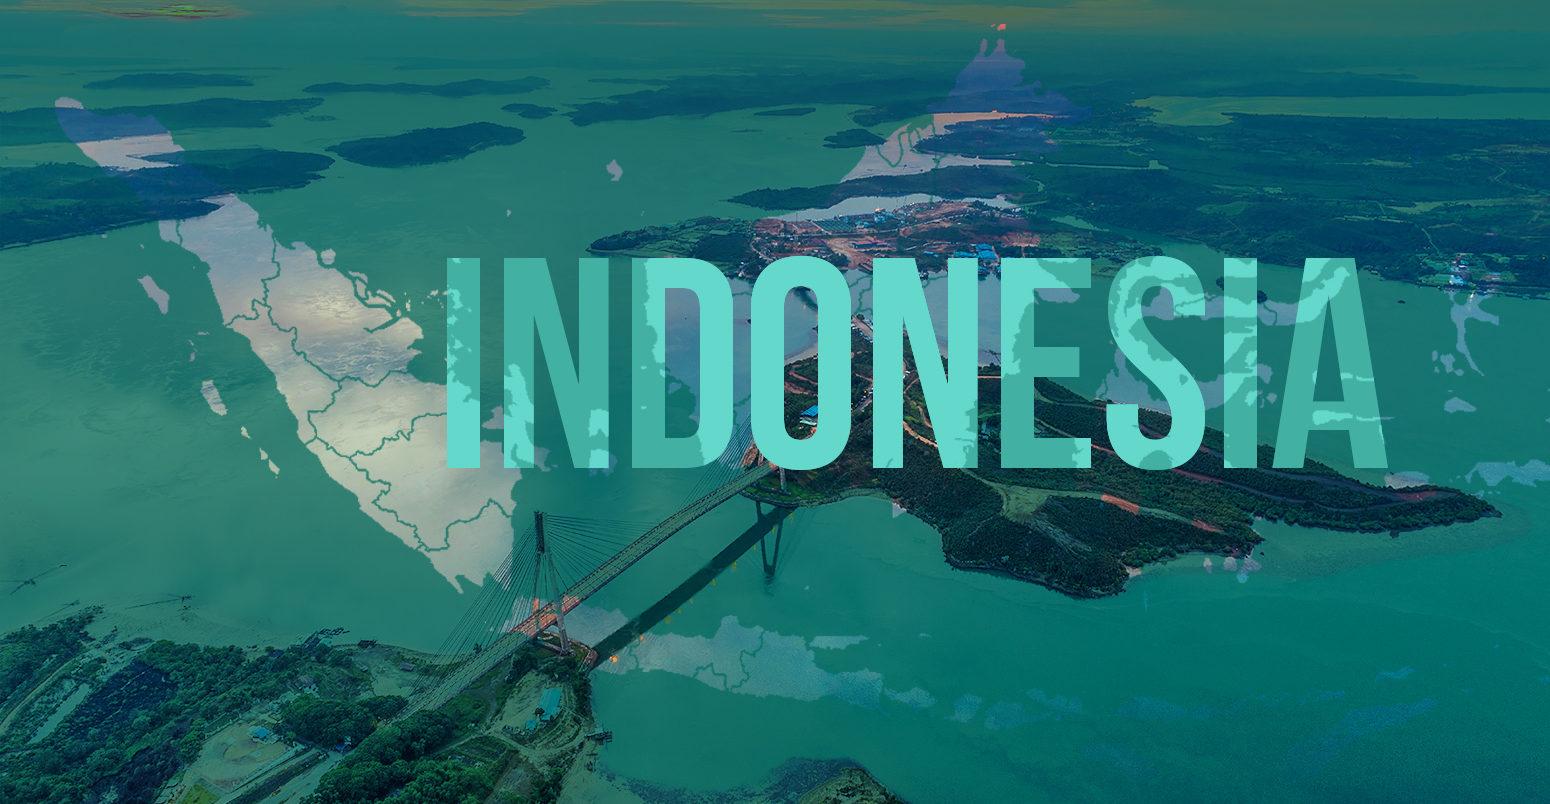 indonesia-hero-1550x804